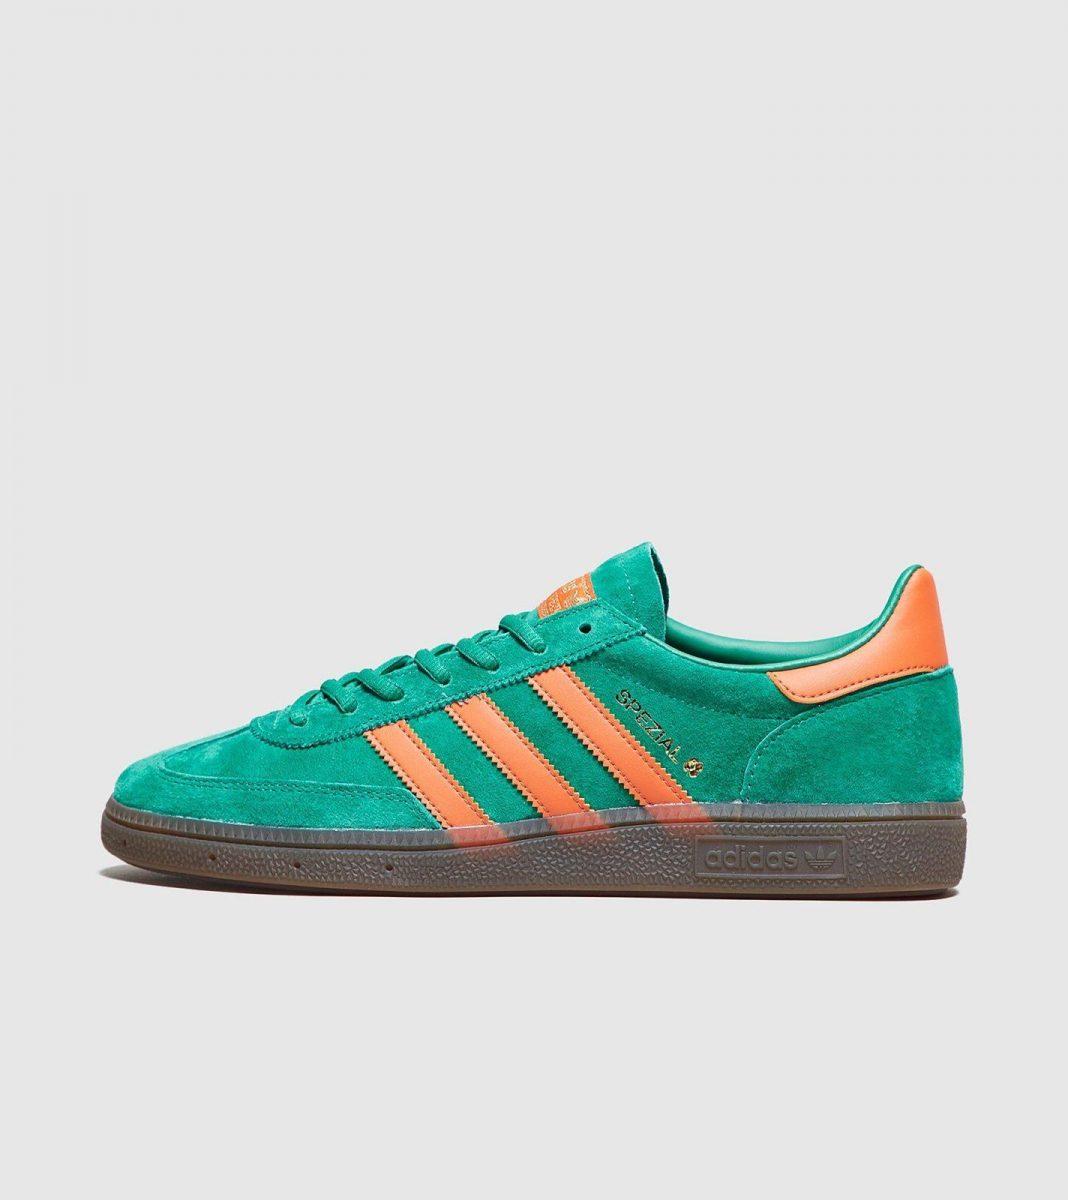 adidas Originals Handball Spezial St